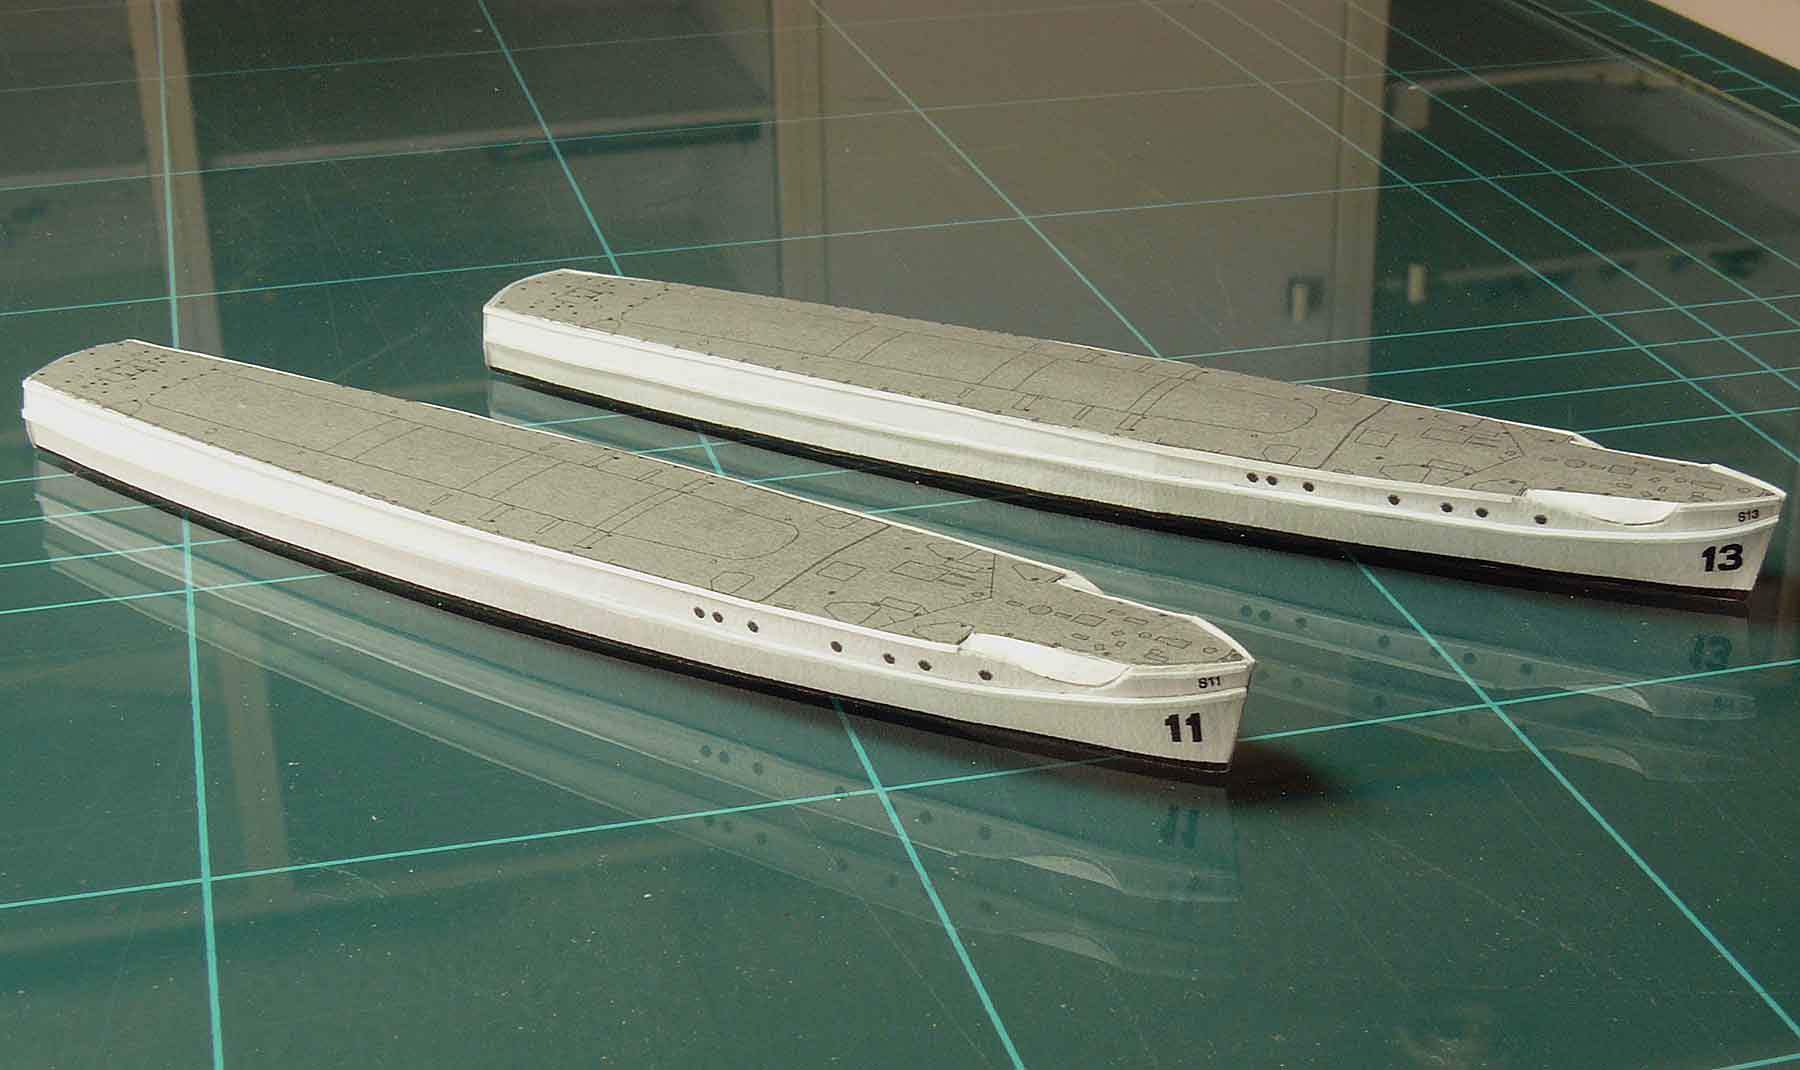 Schnellboote Série S7-S13 de la Reichsmarine 1:250 05-rumpf-komplett-2x5k13